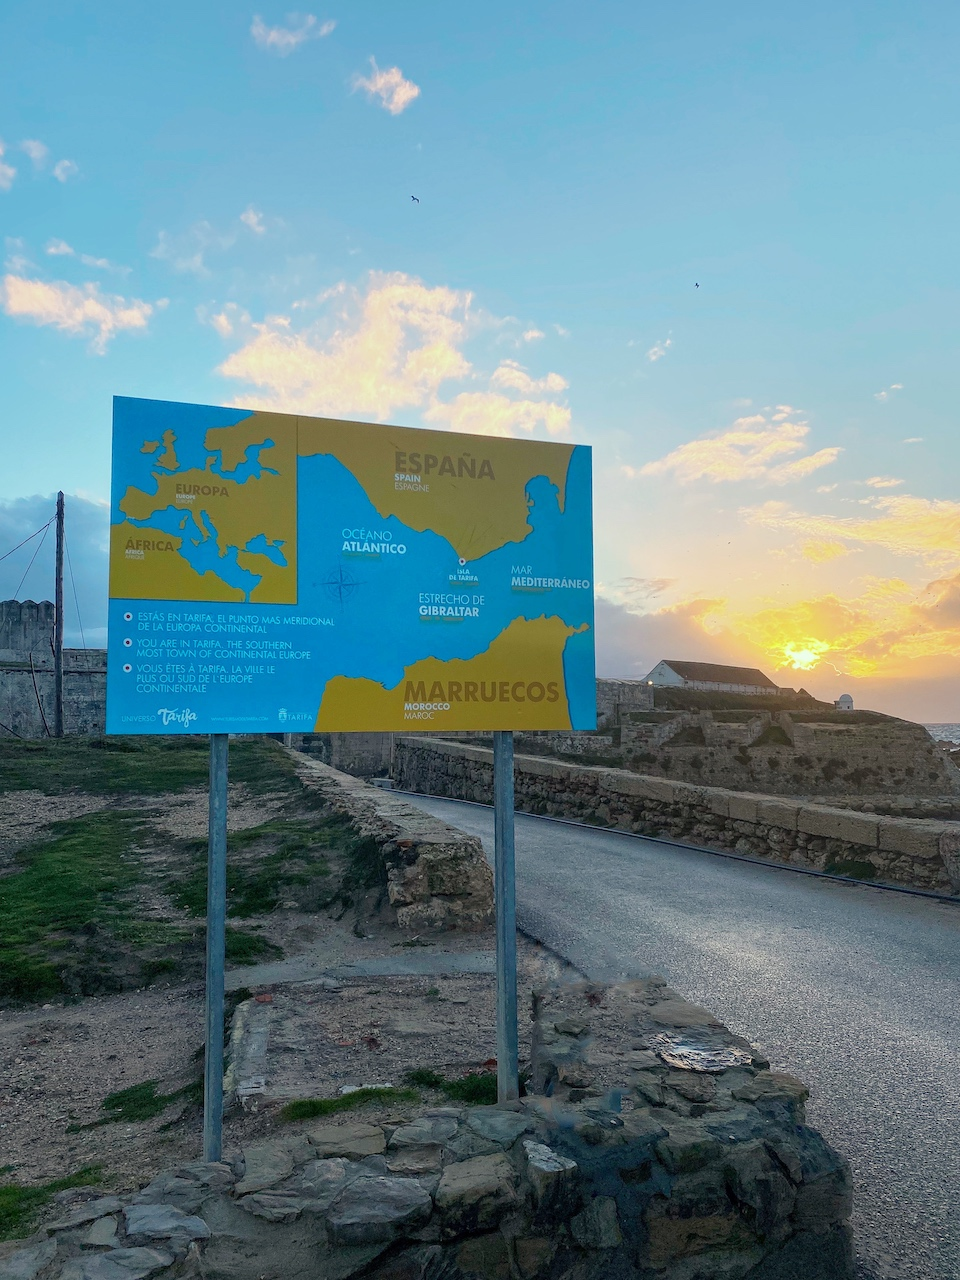 Waar ligt Tarifa? meest zuidelijke puntje van Europa